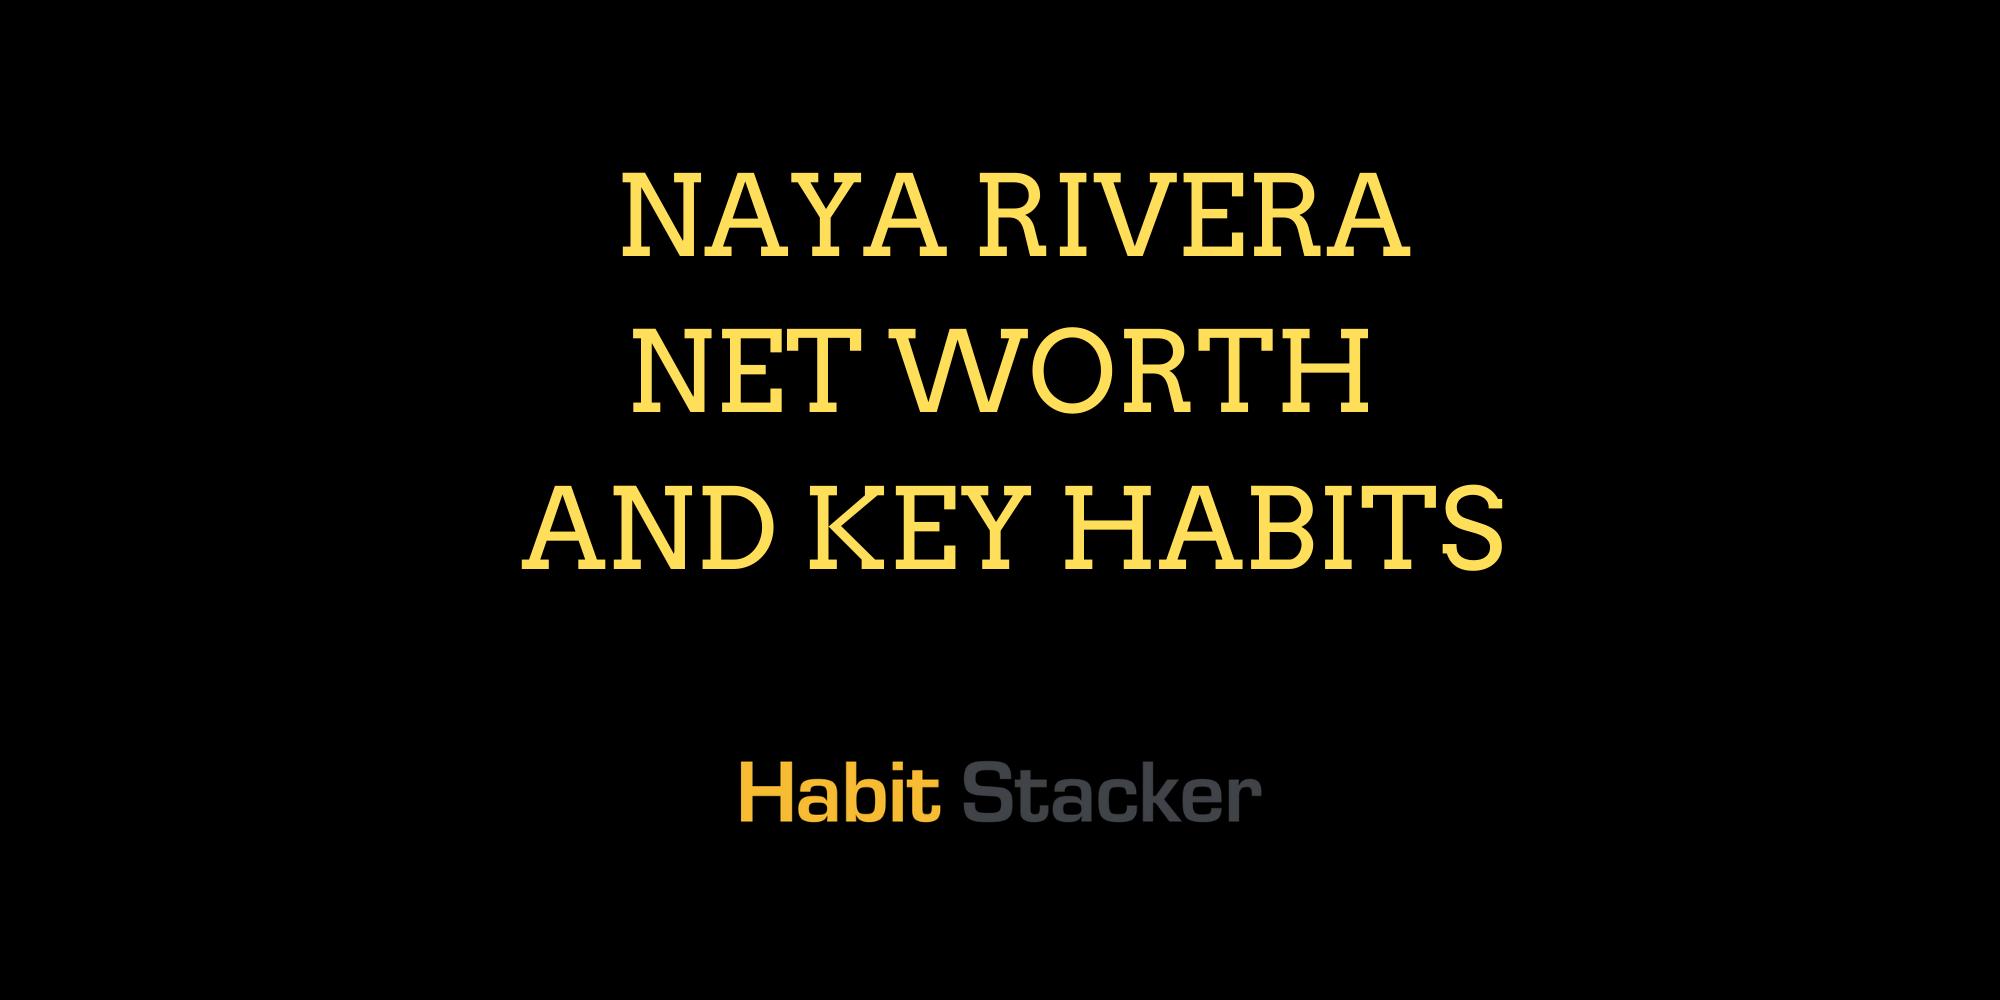 Naya Rivera Net Worth